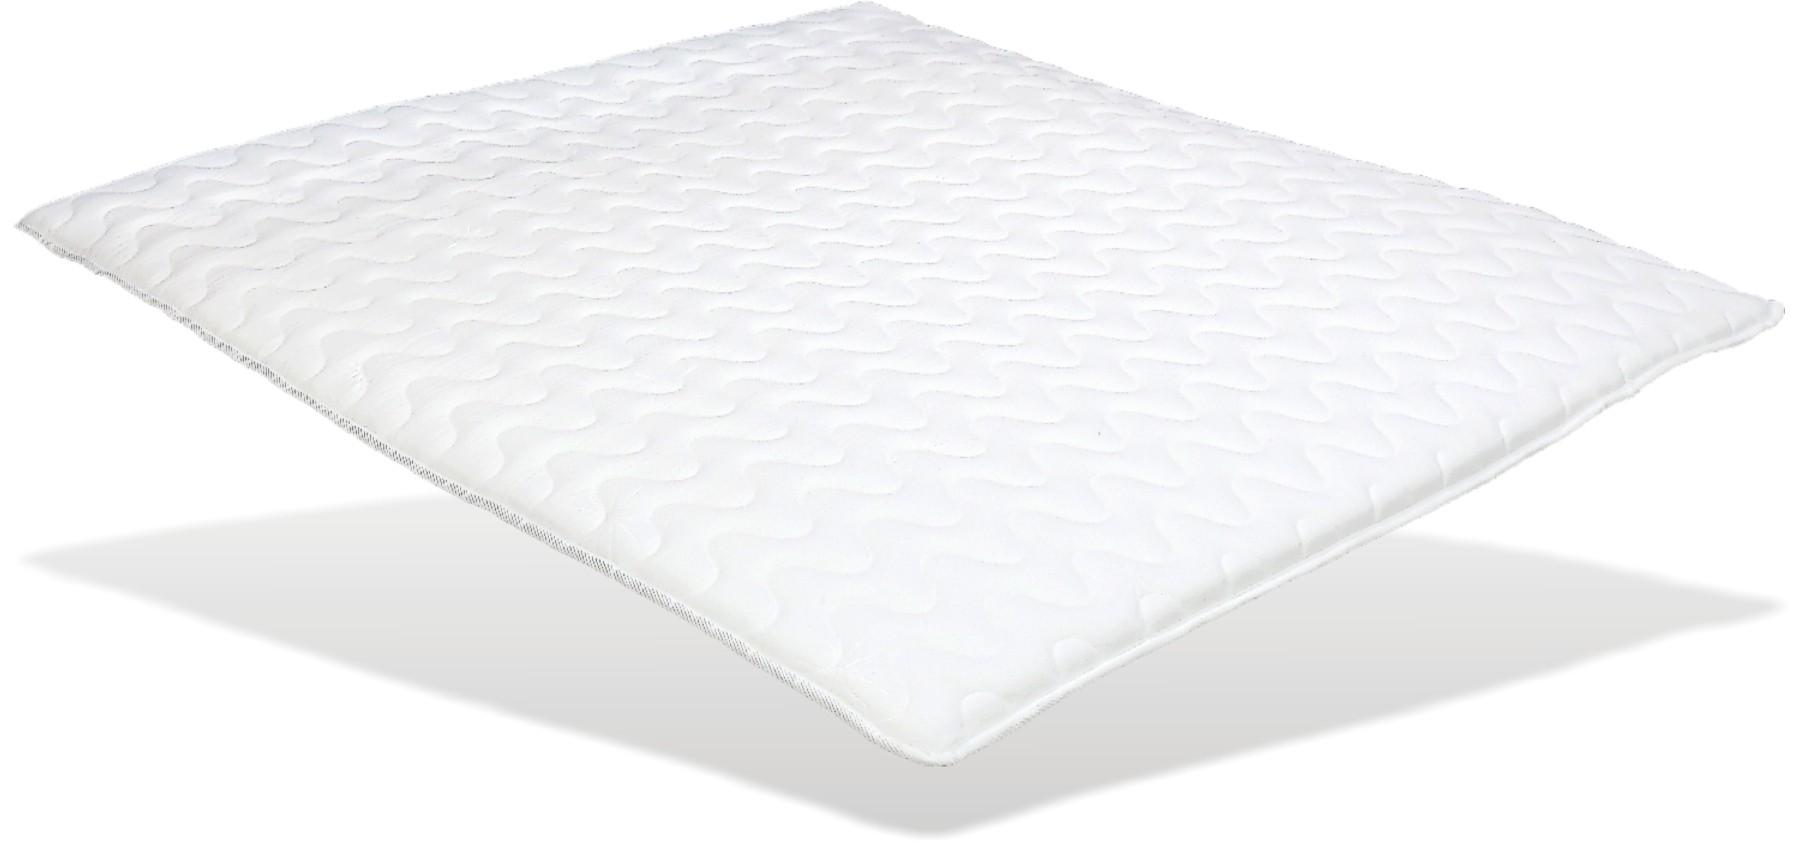 matratzentopper 180x200cm f r einen sehr guten schlaf ebay. Black Bedroom Furniture Sets. Home Design Ideas